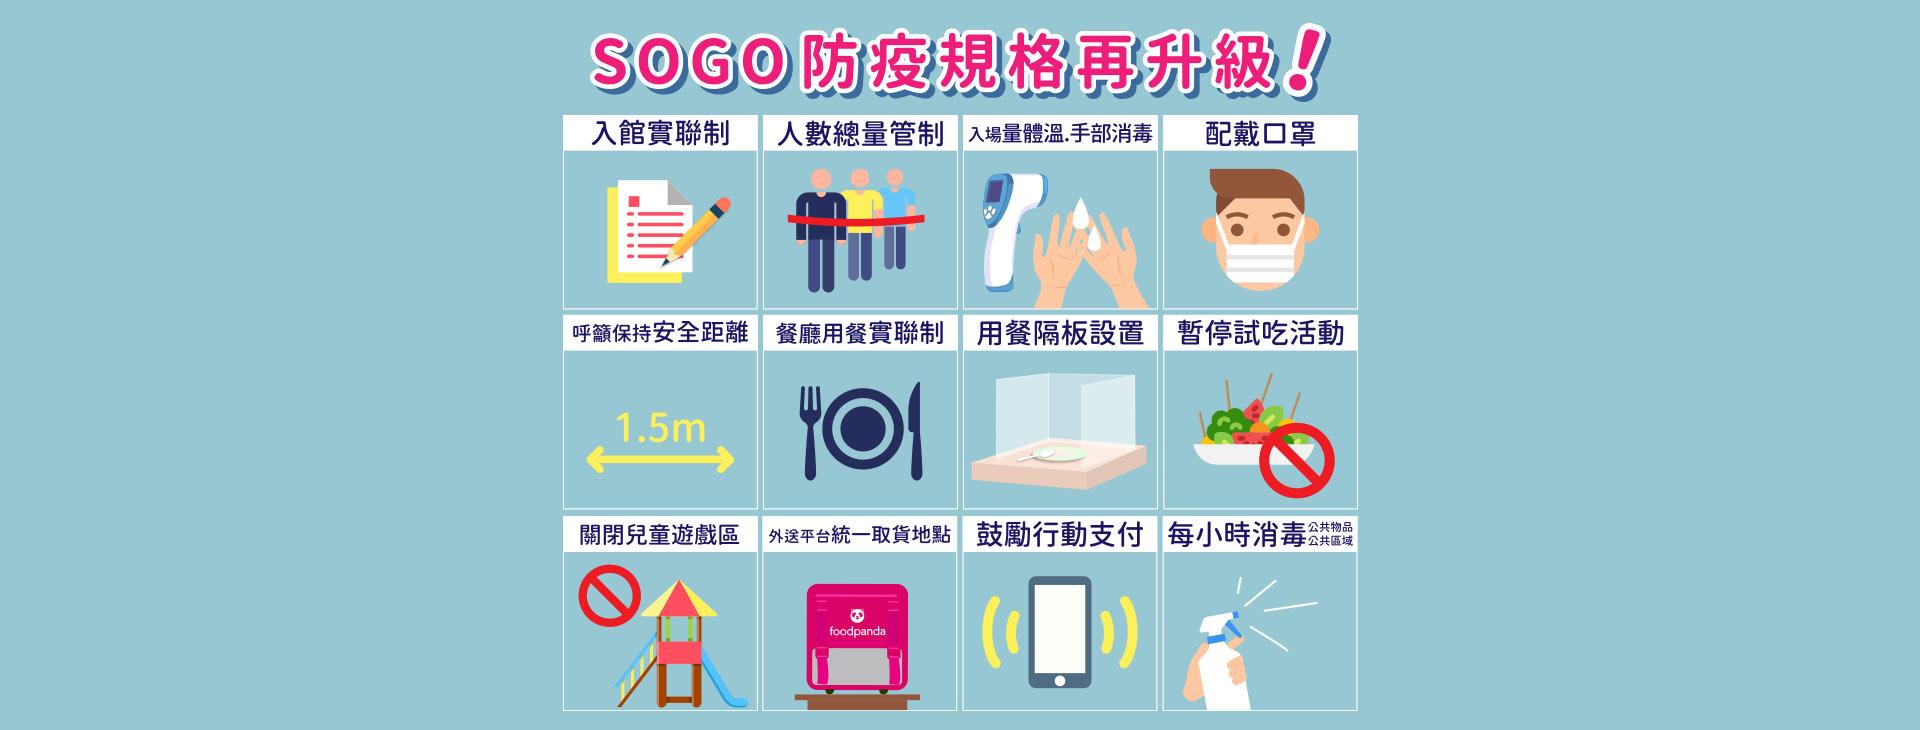 SOGO防疫規格再升級